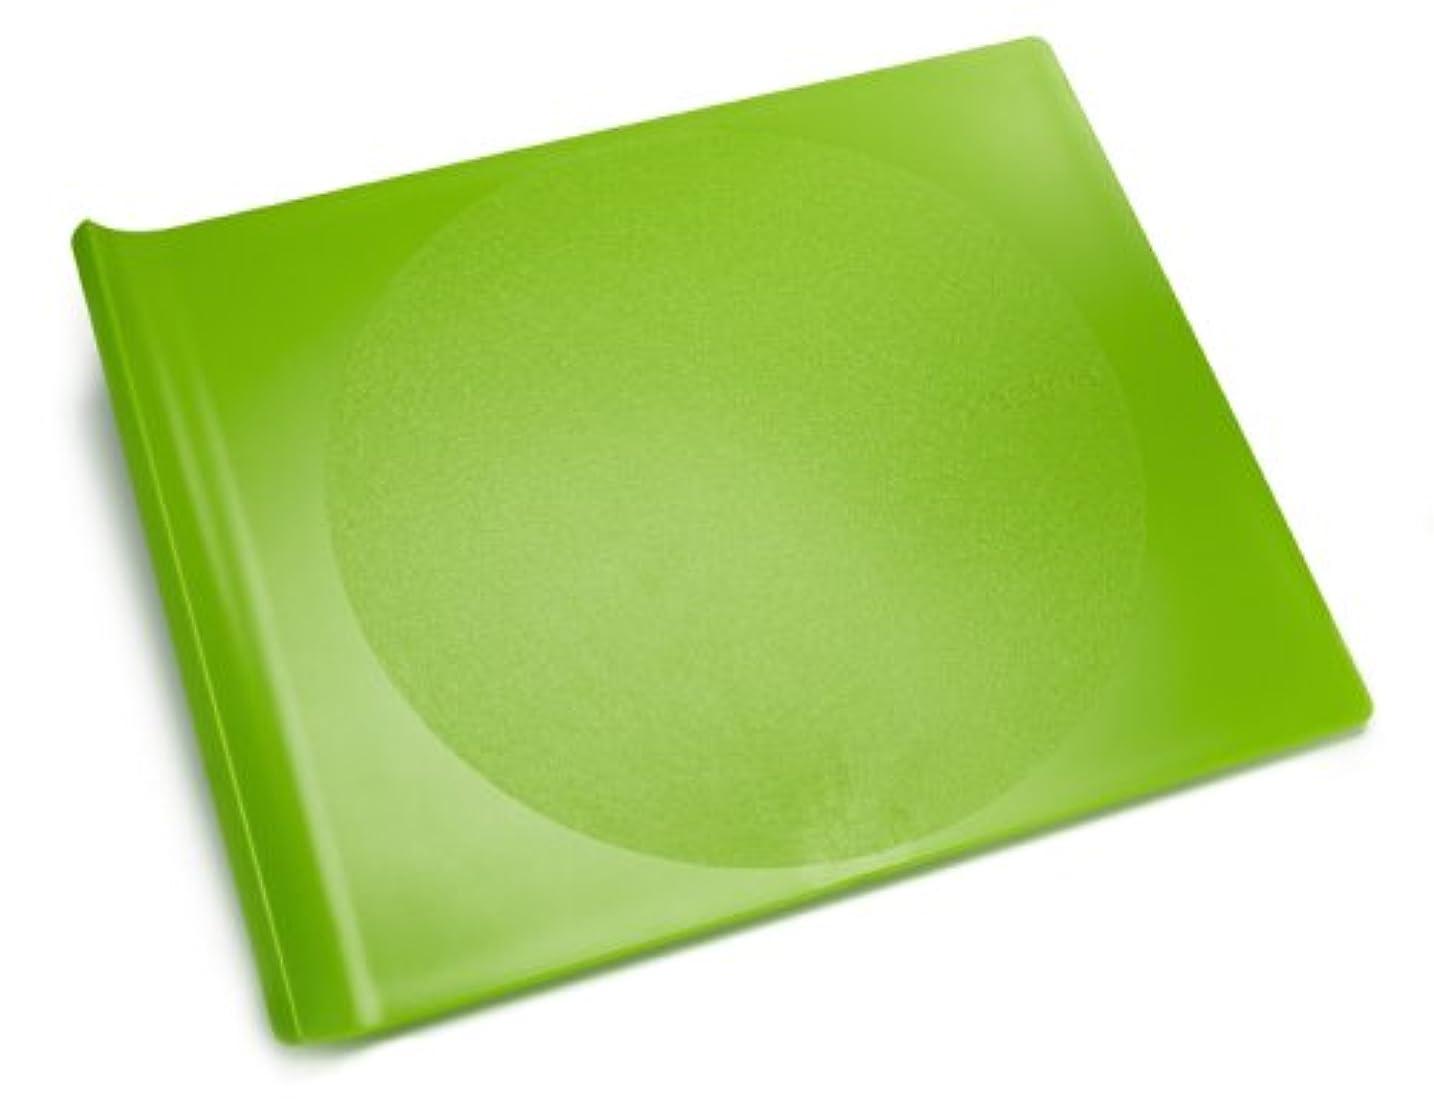 蒸発路面電車飼料海外直送品Cutting Board Plastic, Large Apple Green 1 CT by Preserve